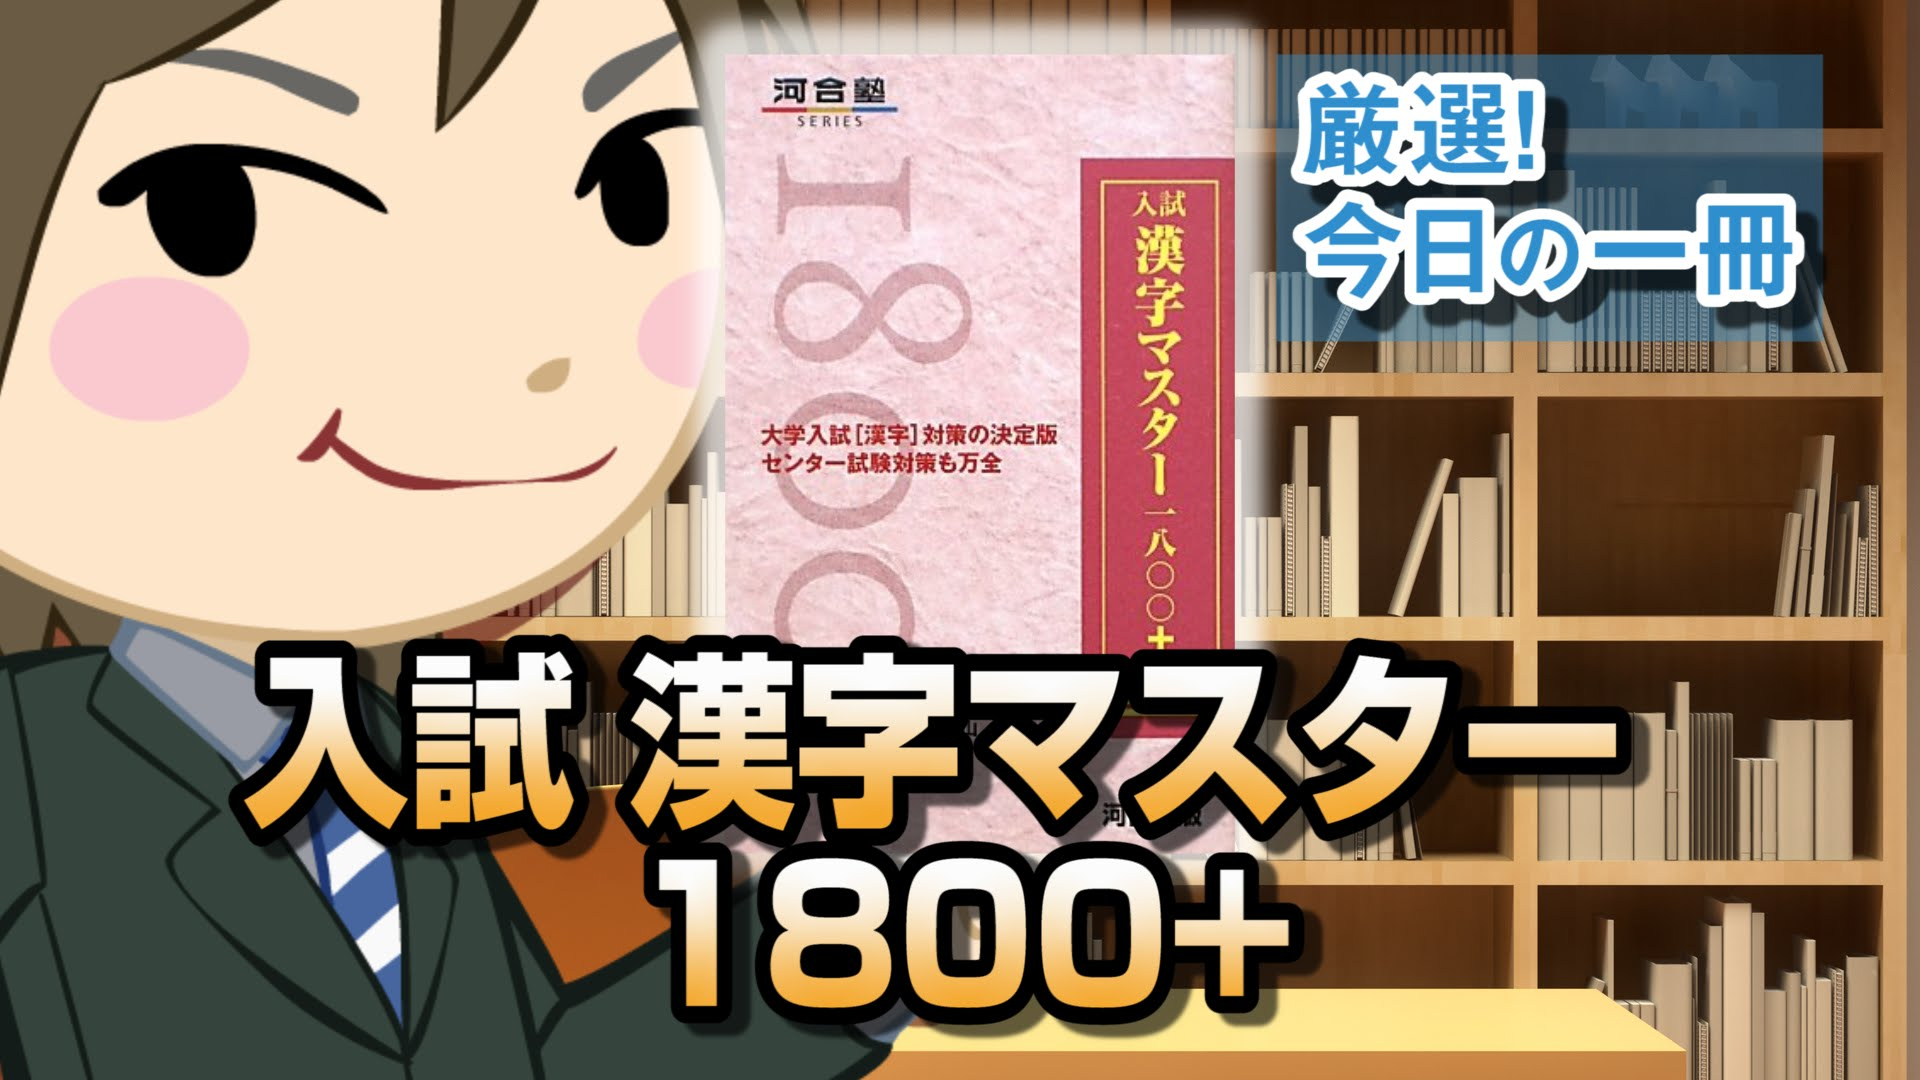 入試漢字マスター1800+ (河合塾シリーズ)|武田塾厳選!今日の一冊